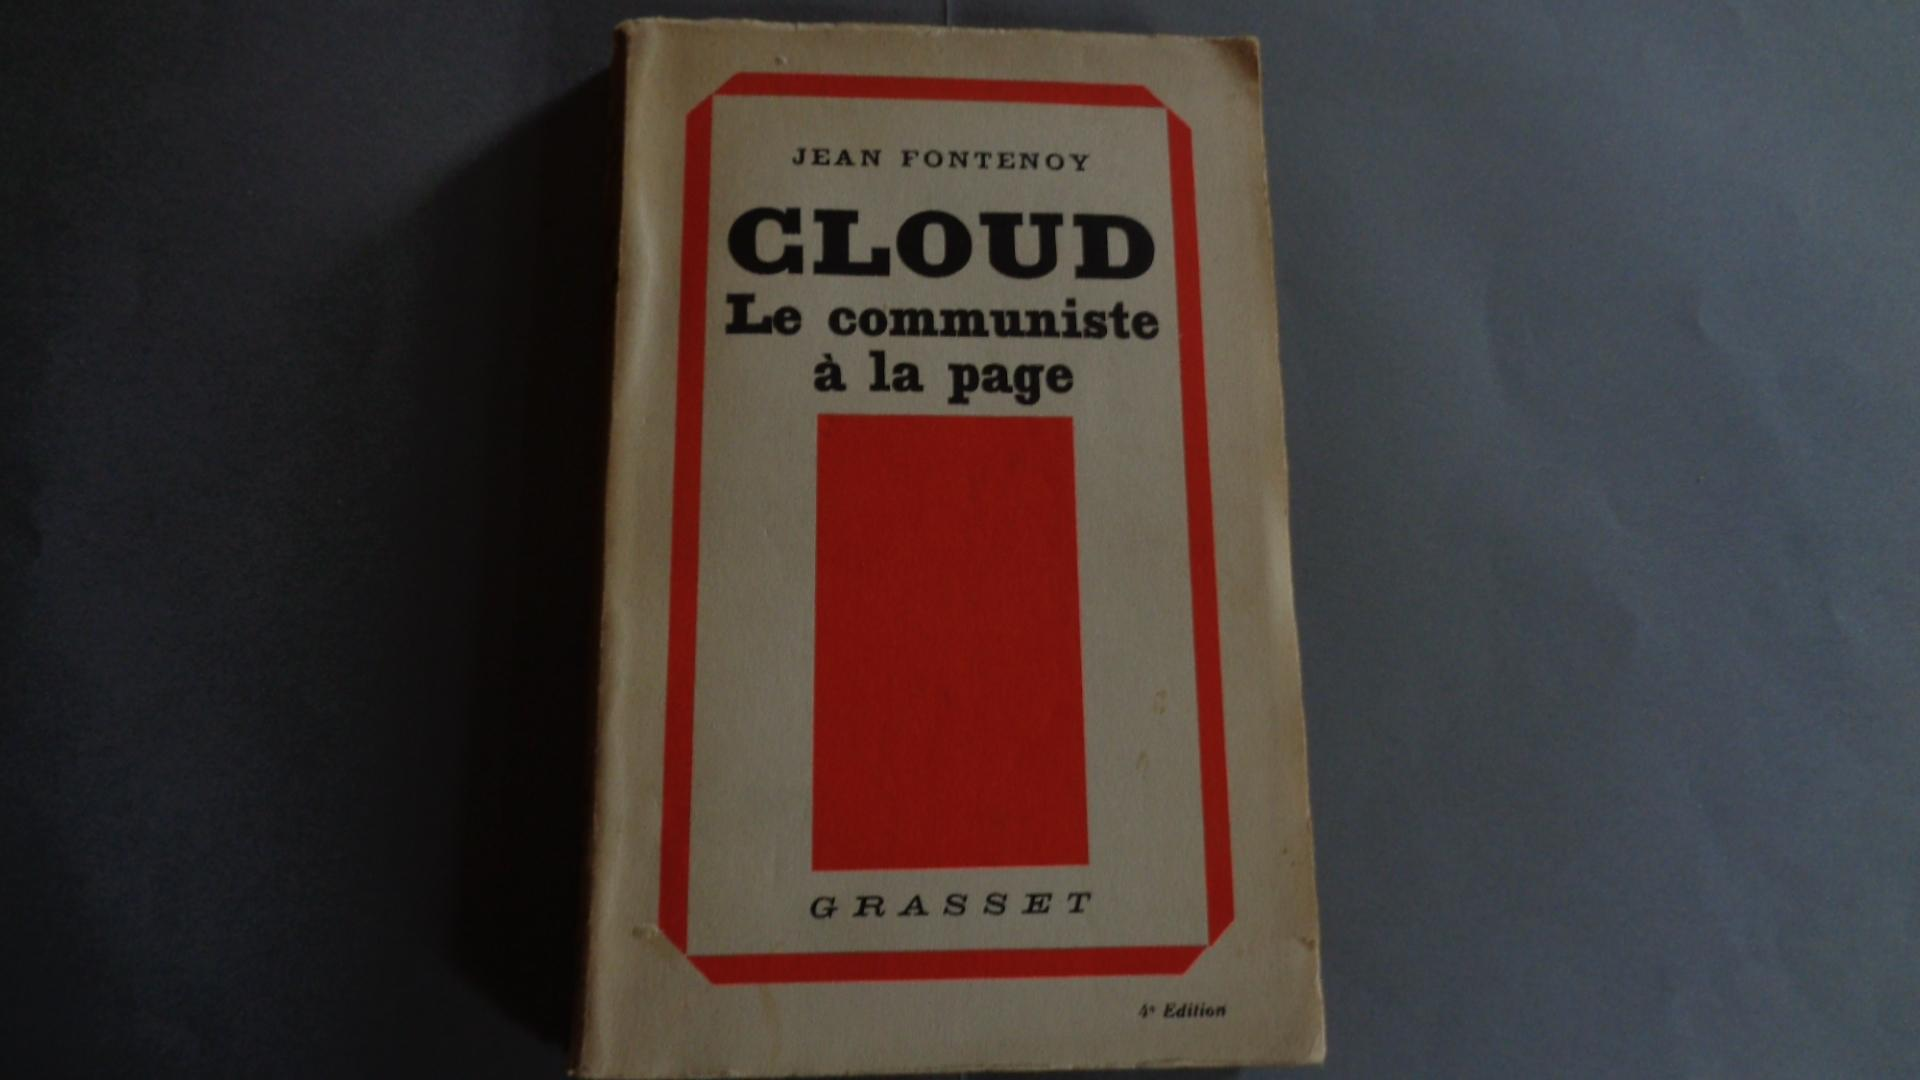 Jean Fontenoy. Cloud, le communiste à la page